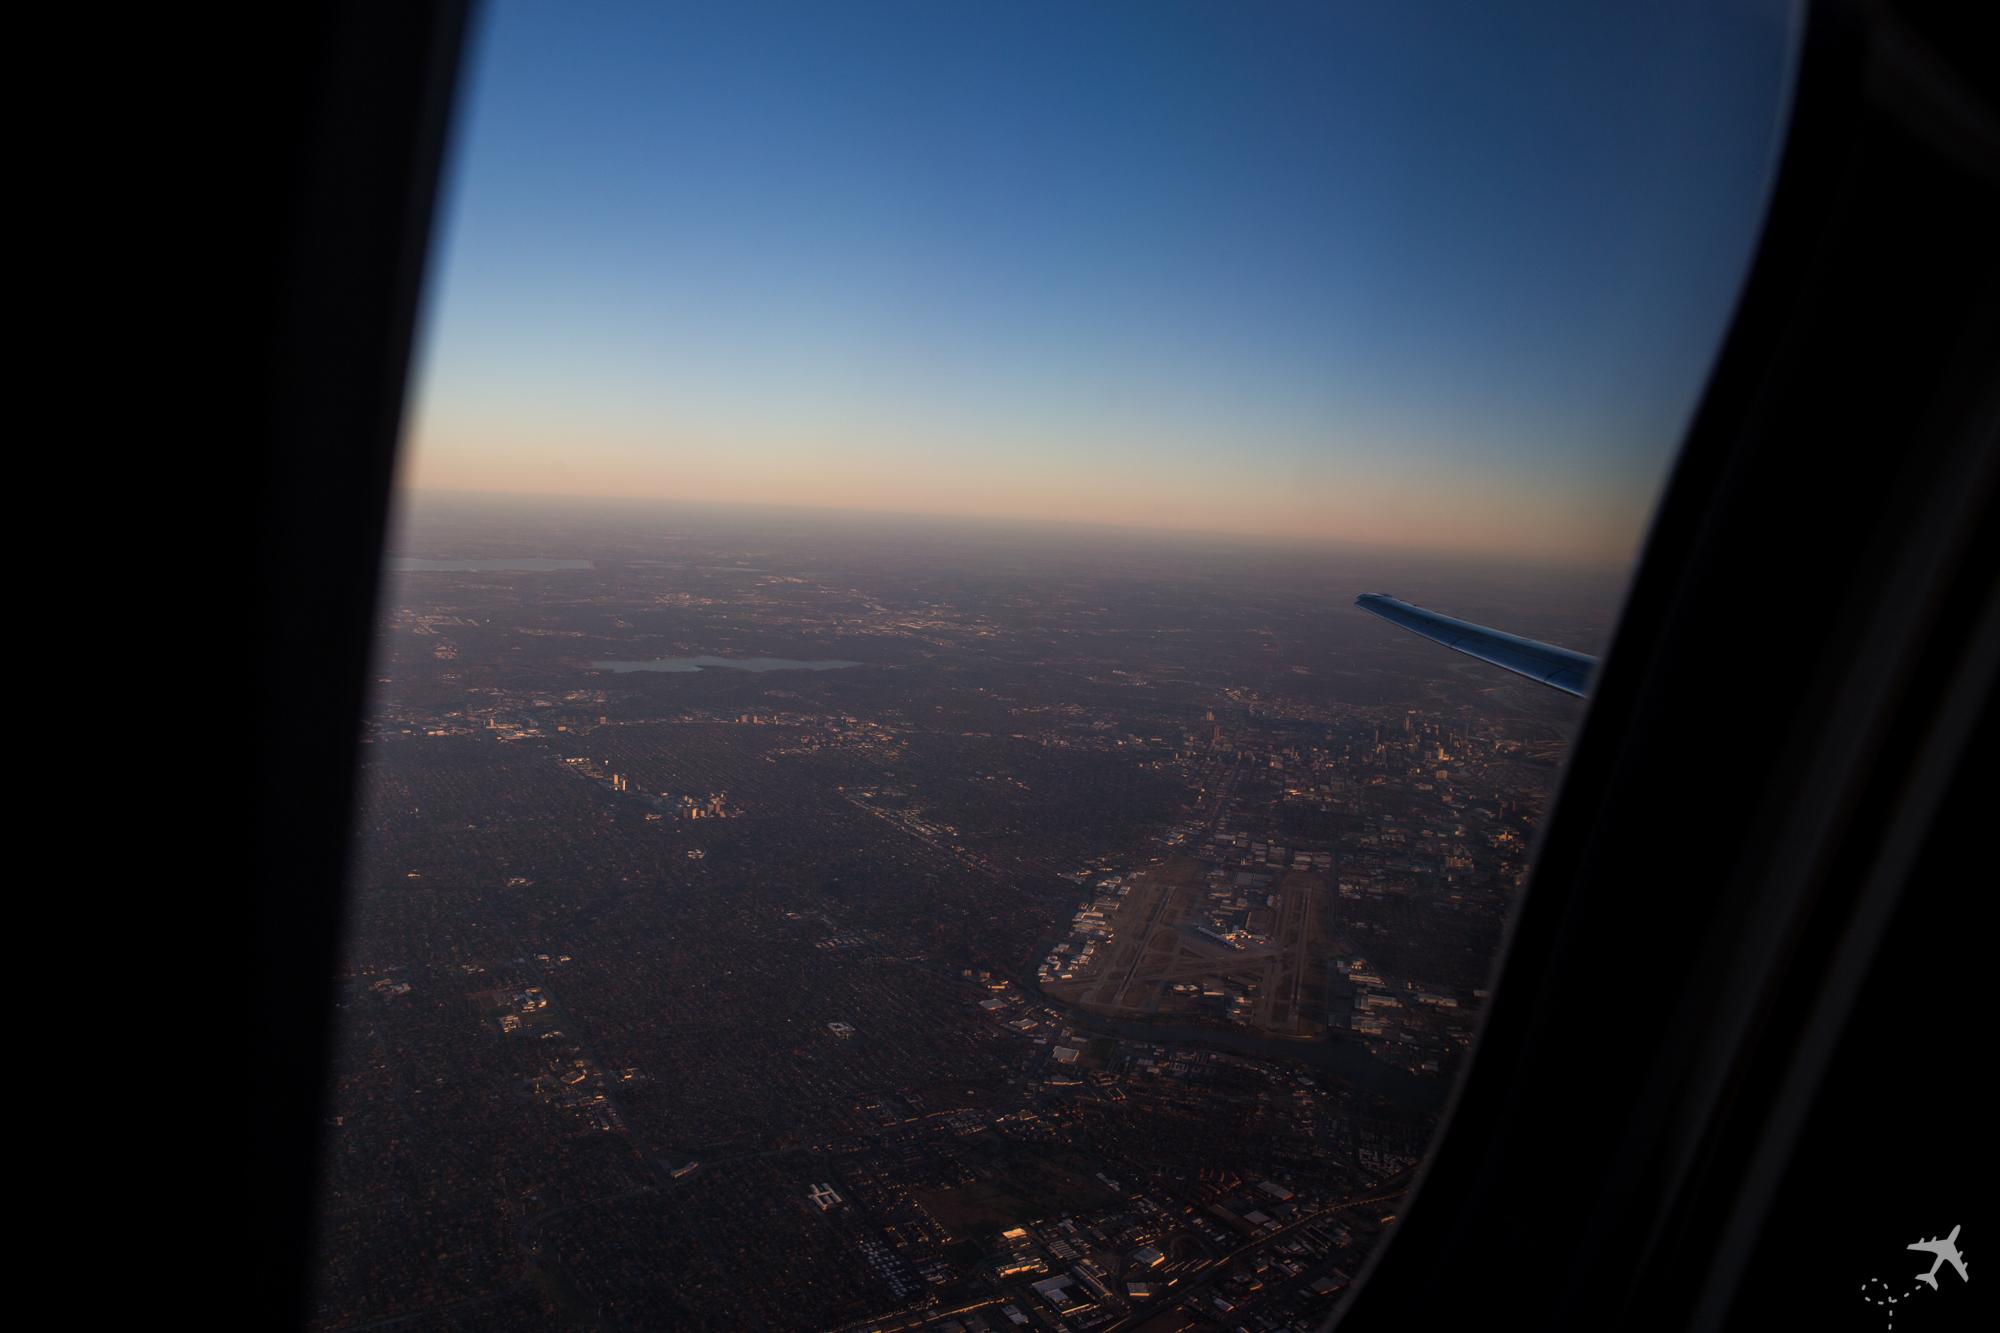 Man konnte das Seitenleitwerk der MD-80 aus dem Fenster sehen